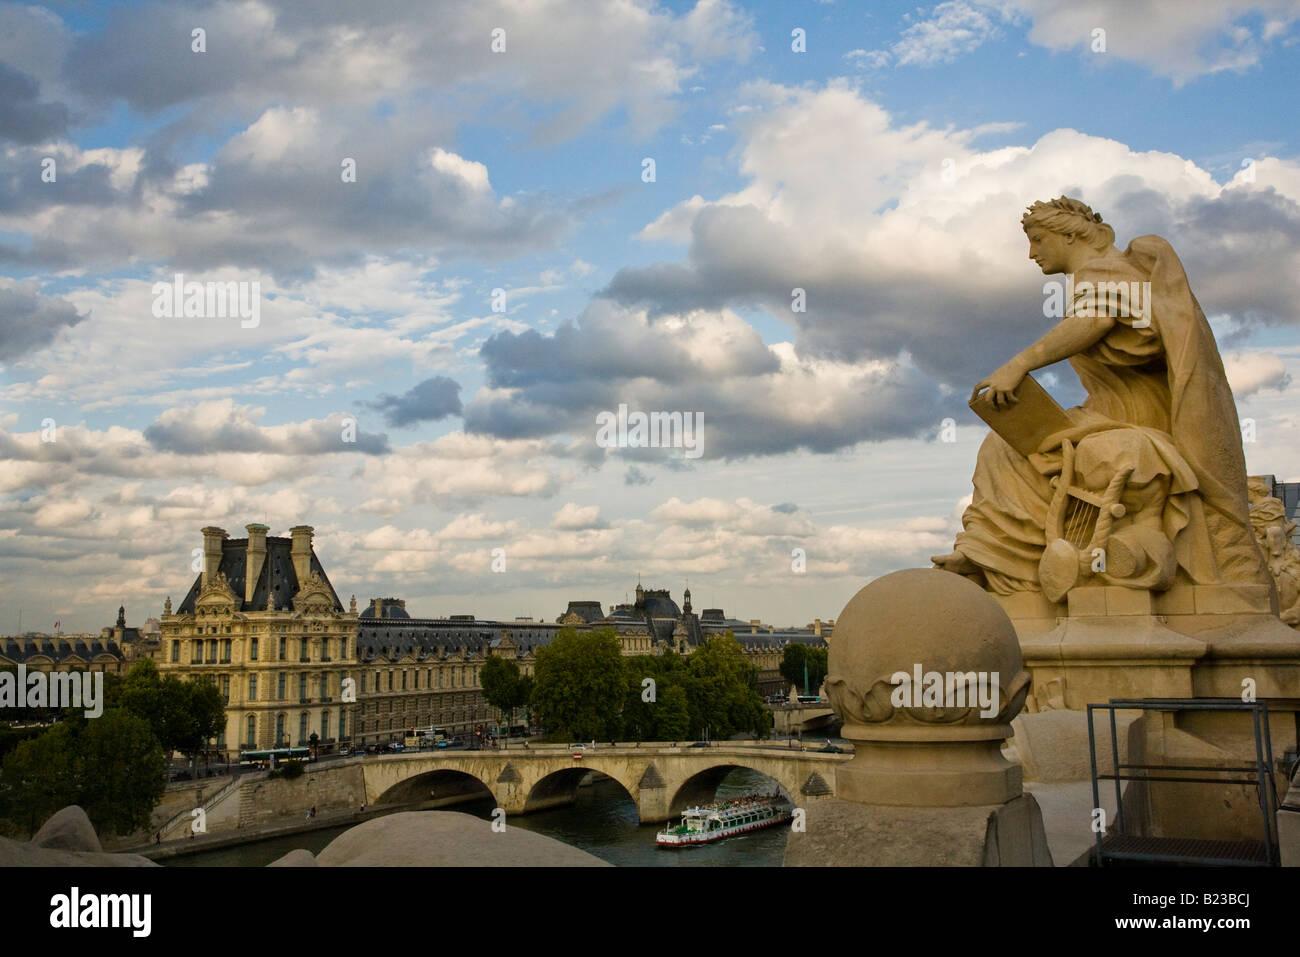 Estatua en el techo del Musee D'Orsay y el fondo del cielo con dramáticas vistas elevadas de paseos en barco por el río Sena por el famoso Museo del Louvre Foto de stock